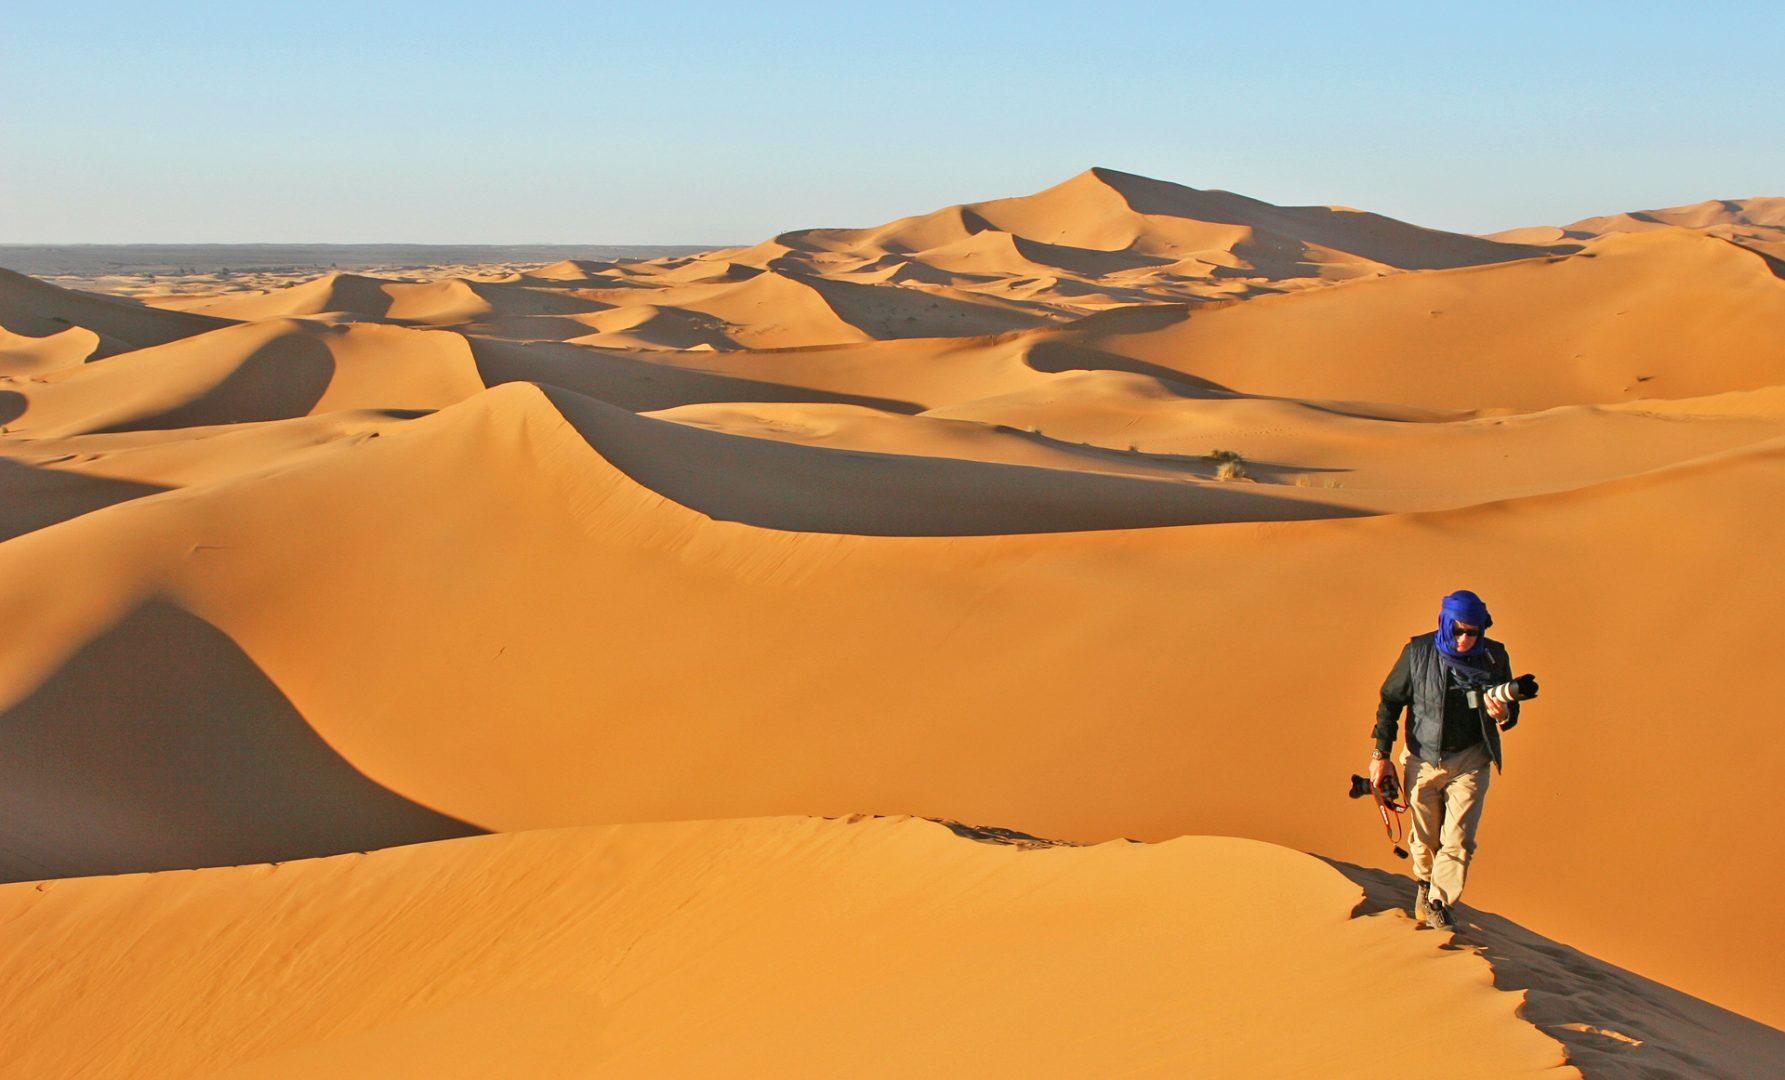 Merzouga_l_erg_Chebbi_sud_Maroc